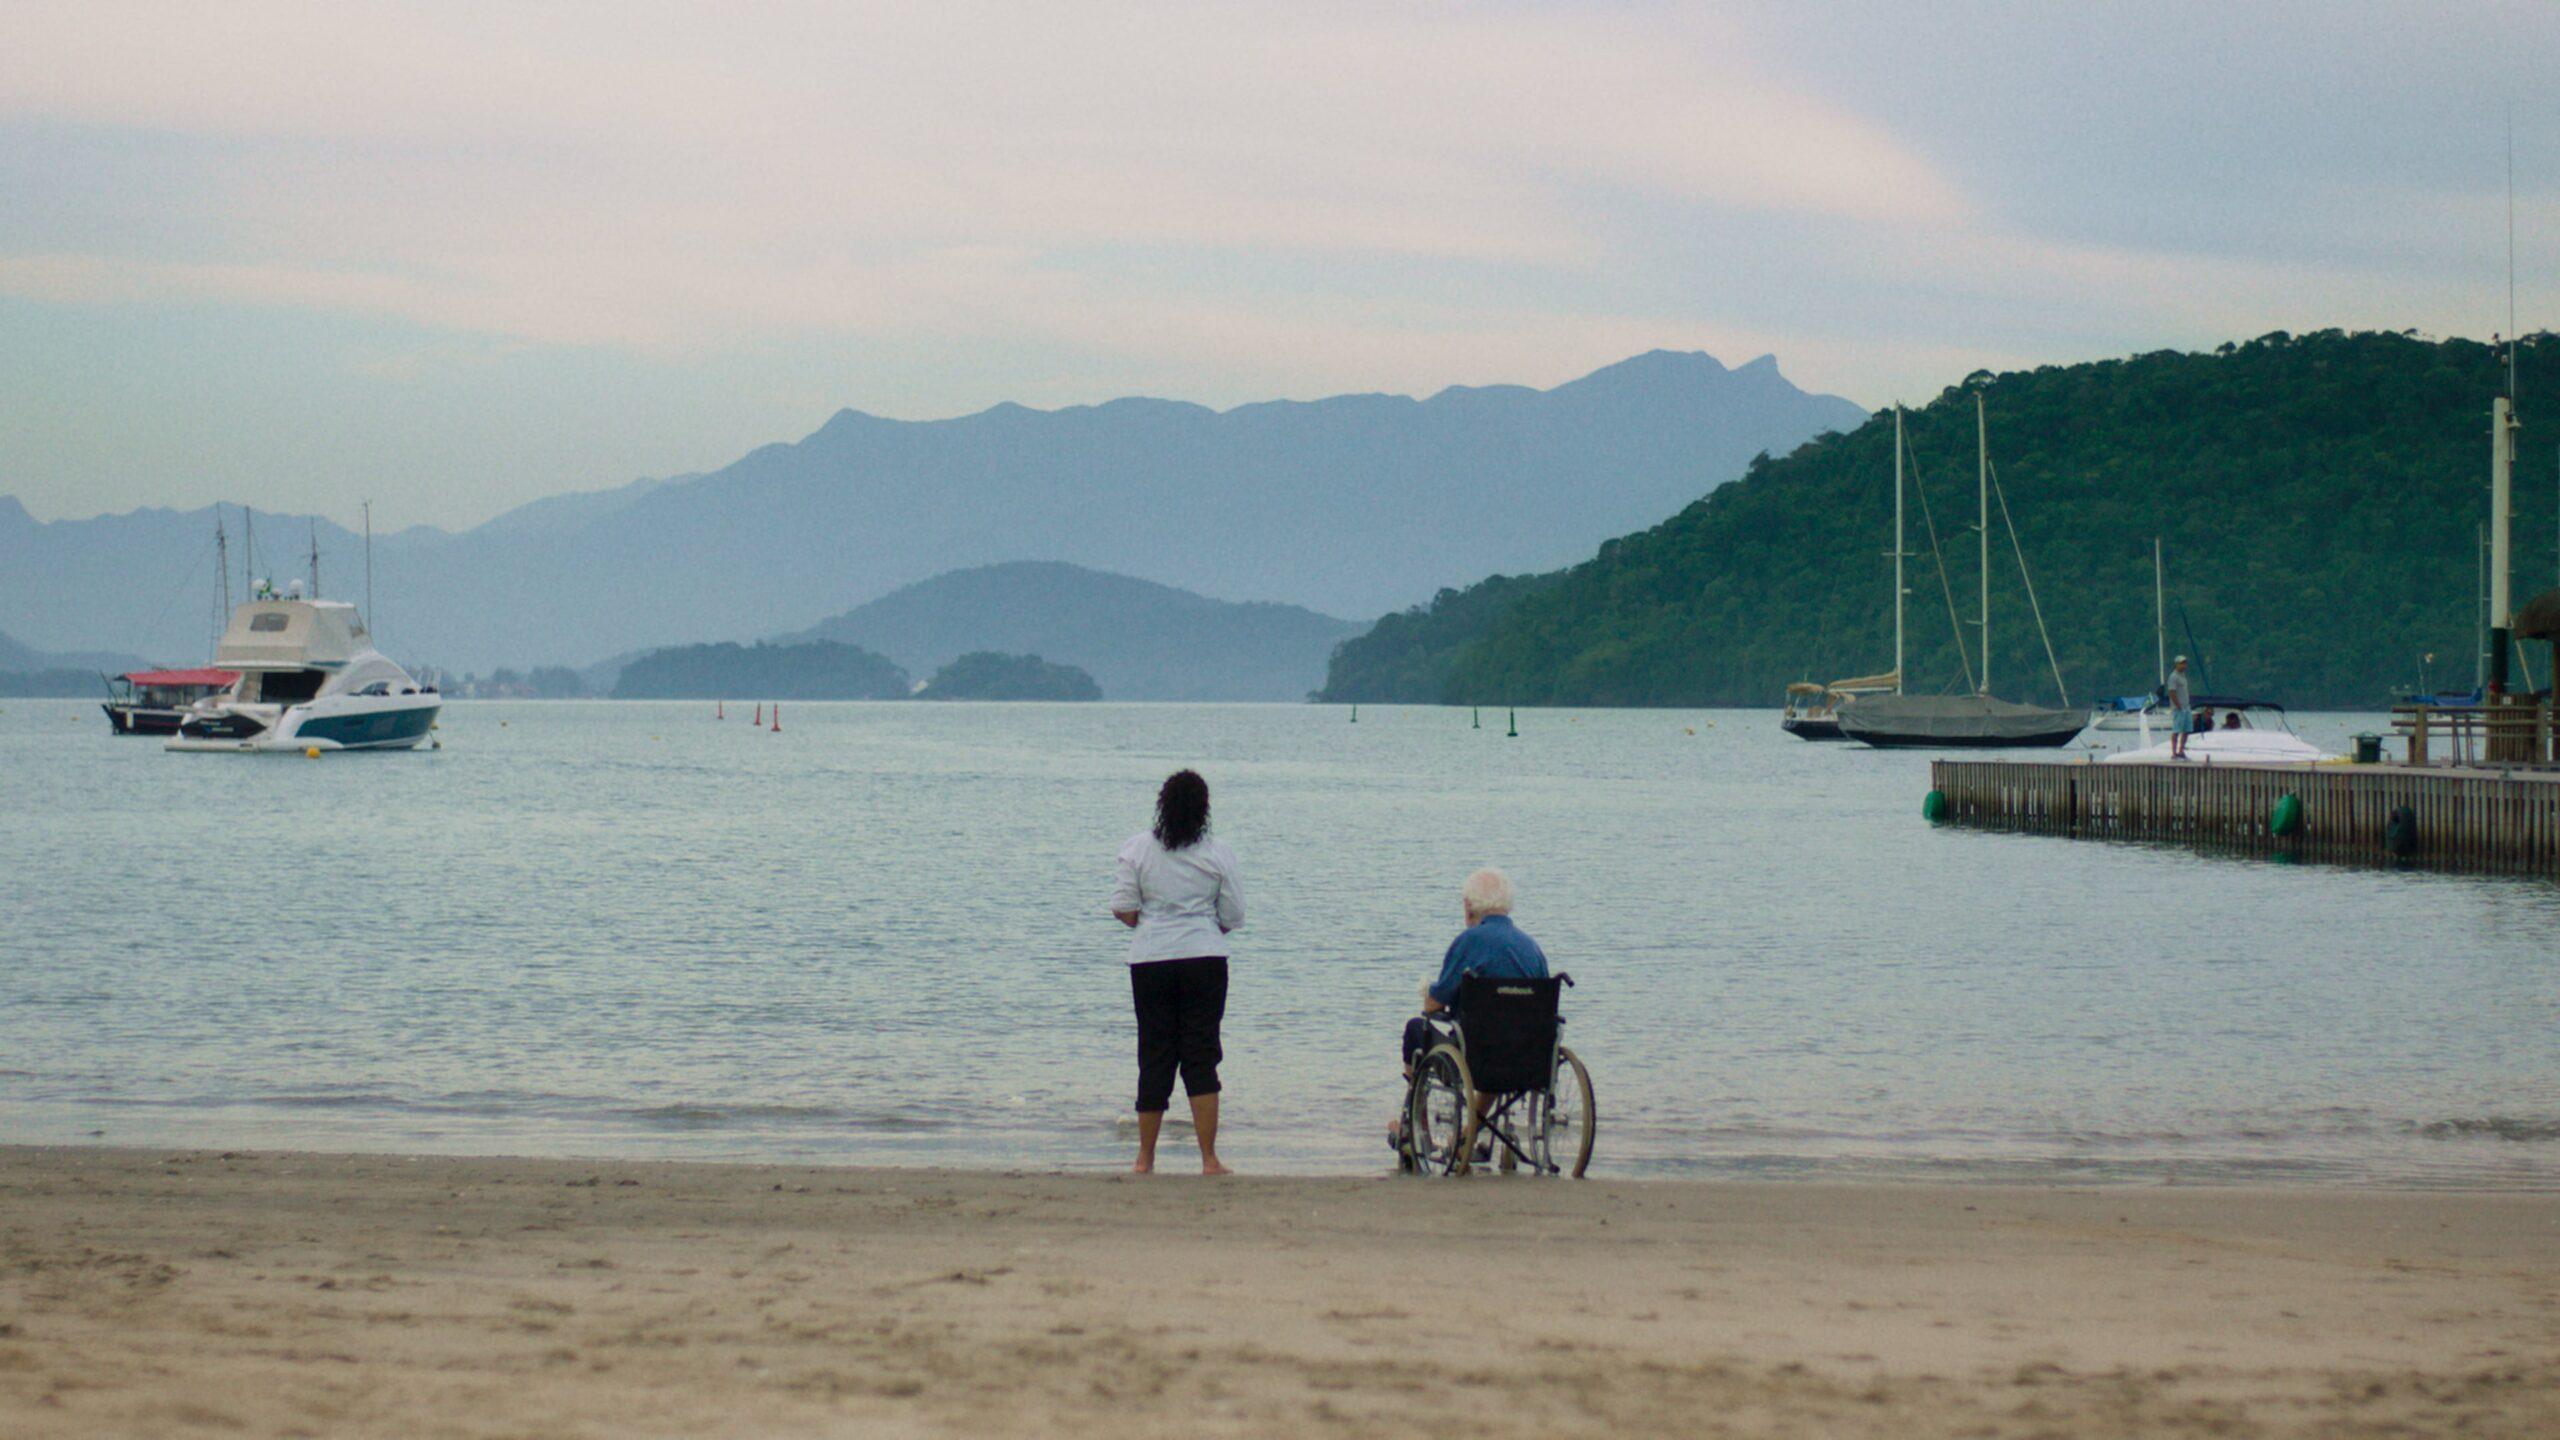 A imagem é de uma das cenas do filme. Nela, Madá e Seu Lira estão em uma praia, de frente para o mar e de costas para a imagem. Seu Lira está em uma cadeira de rodas e Madá está de pé, ao seu lado. No mar, é possível ver barcos e várias ilhas ao fundo.